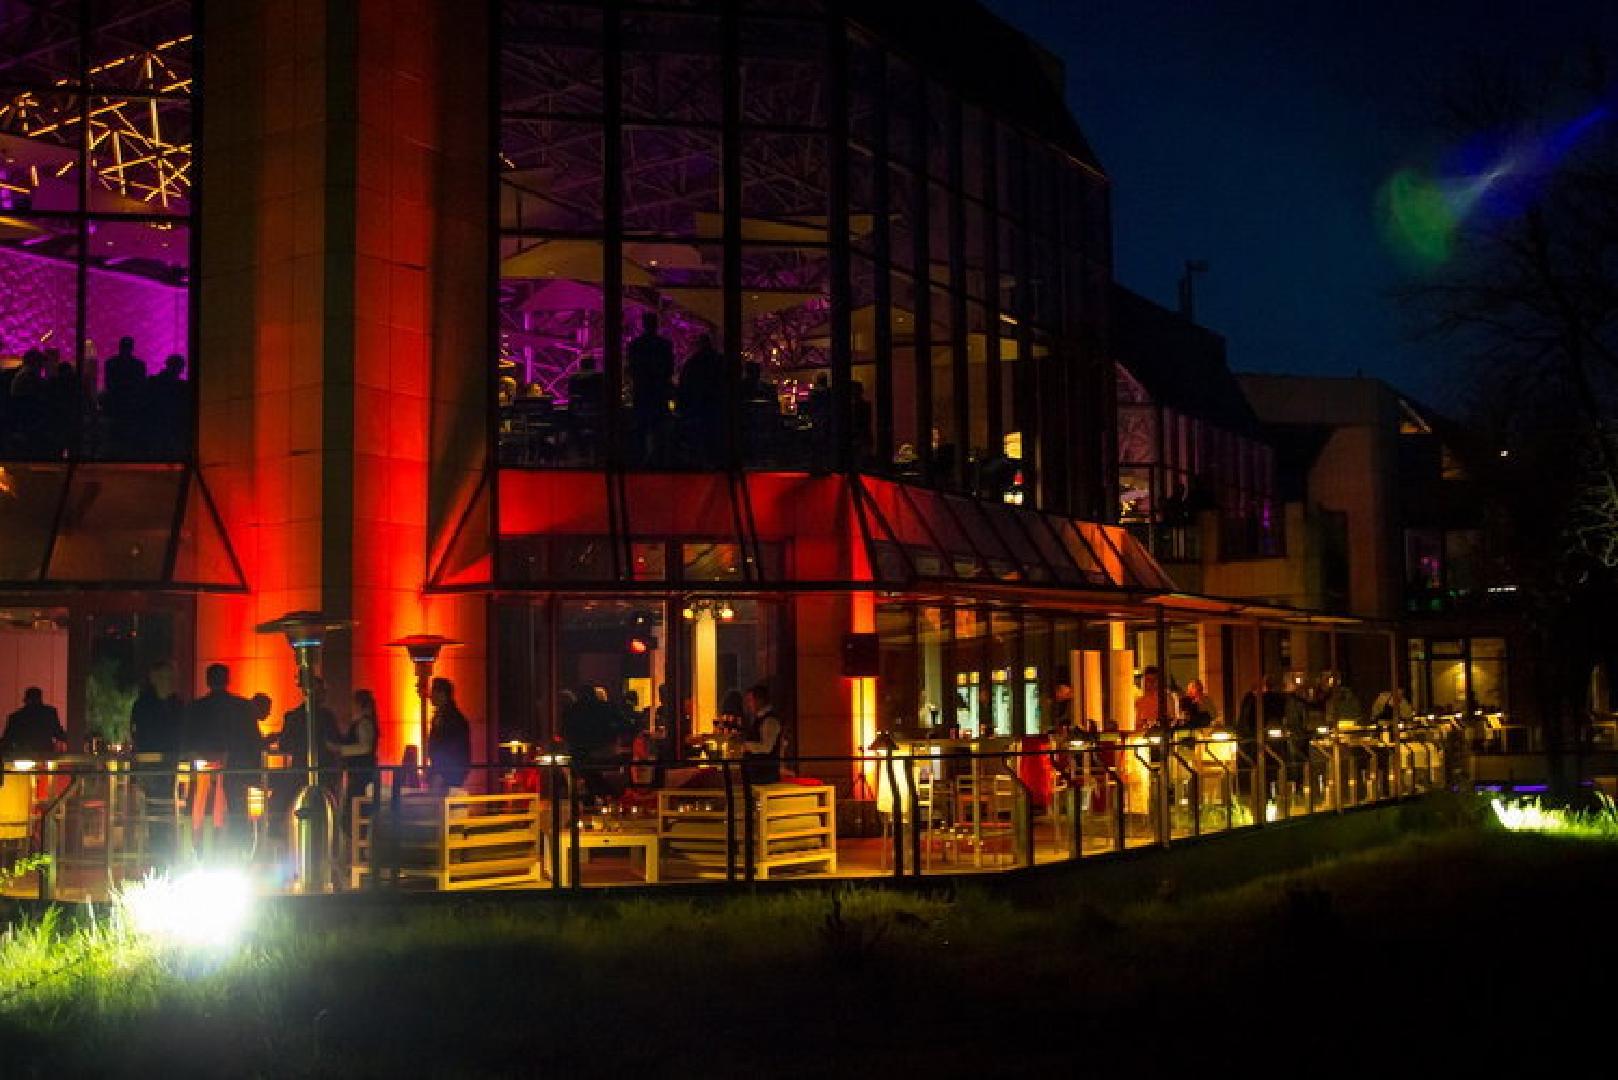 Bild 1 von Tagen und Feiern in der Spielbank Hohensyburg